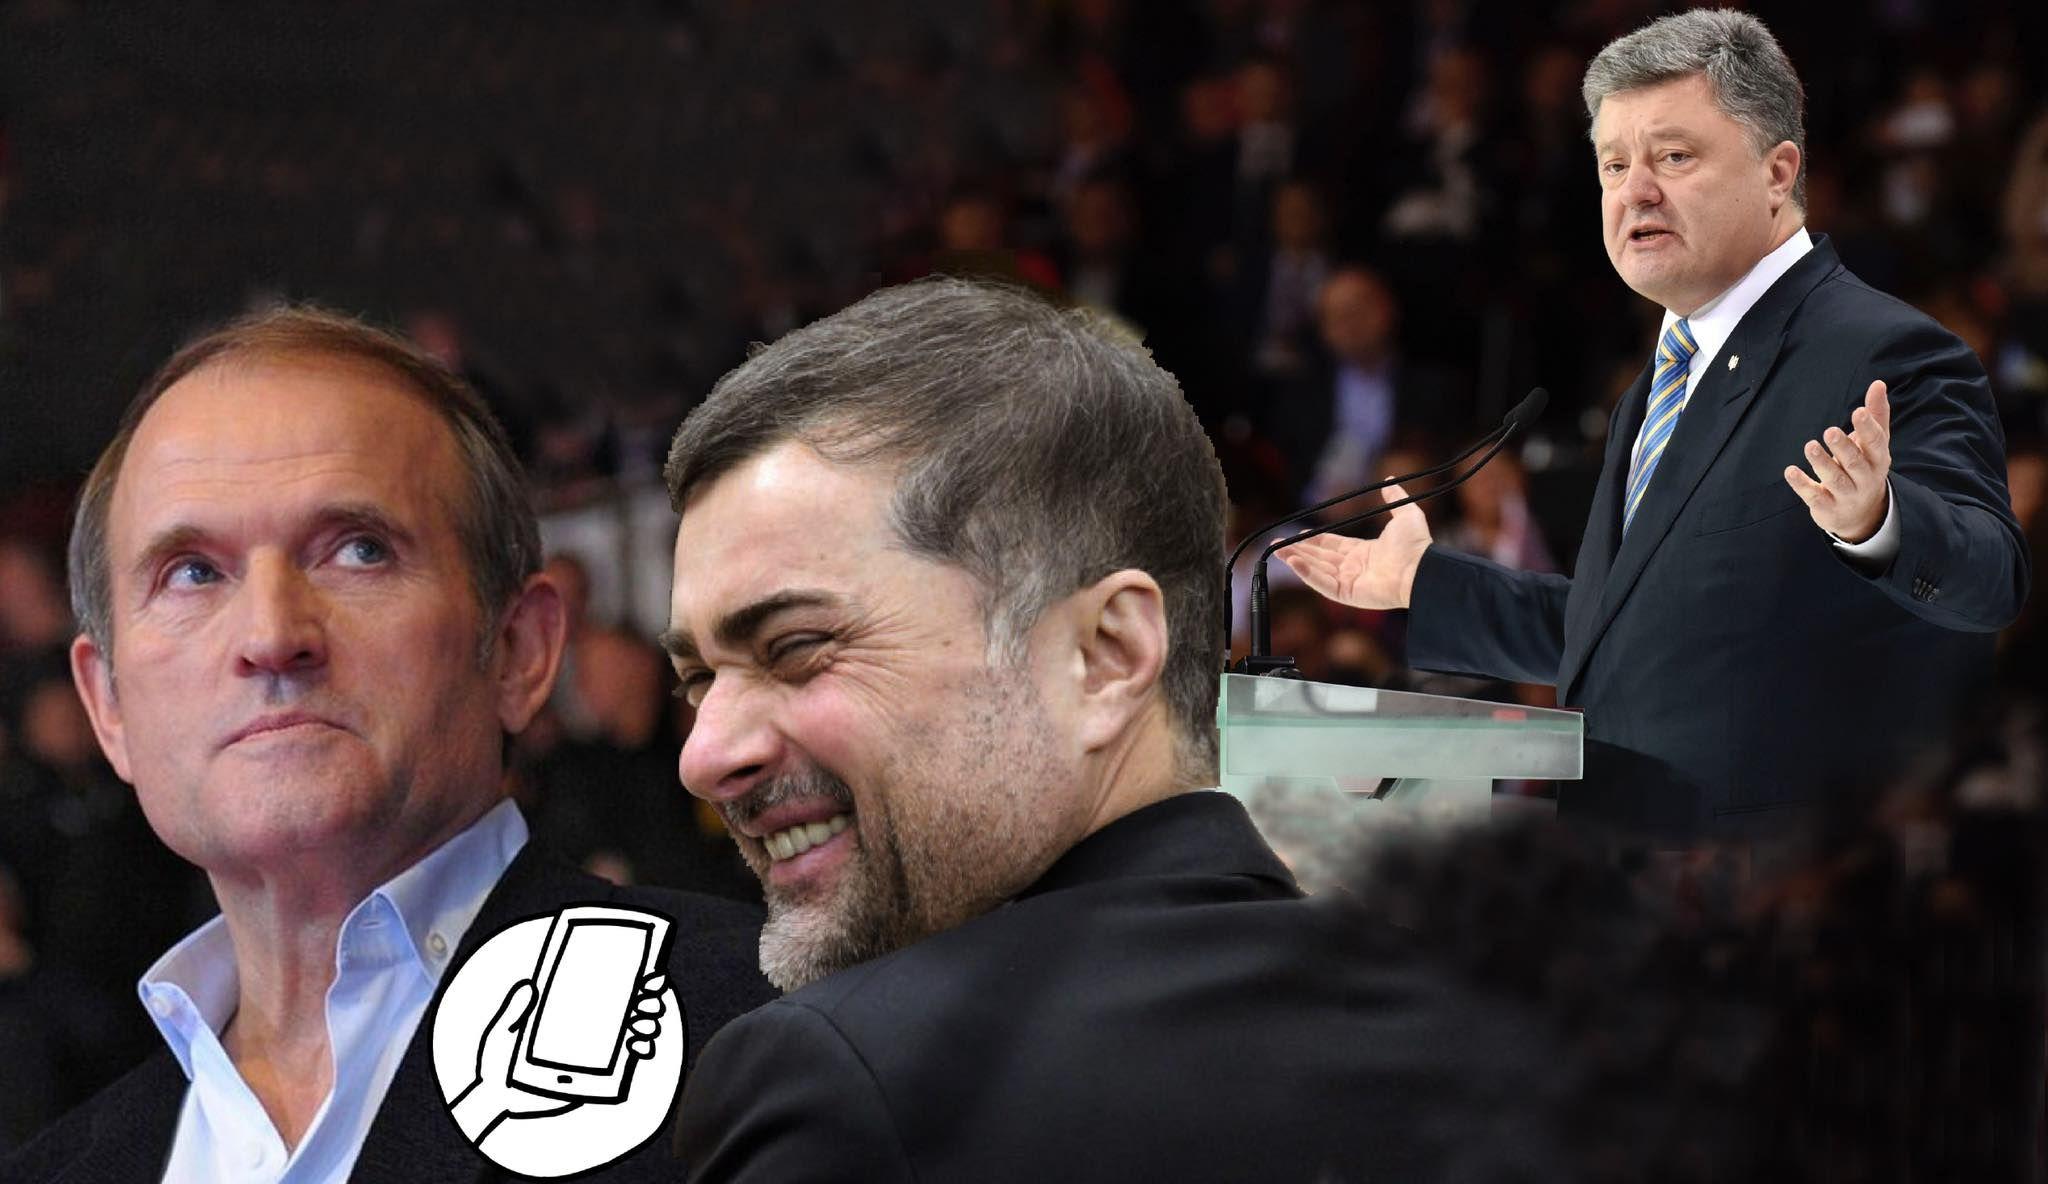 «Хоч із чортом лисим». Кому (не)вигідний запис телефонної розмови Медведчука із Сурковим